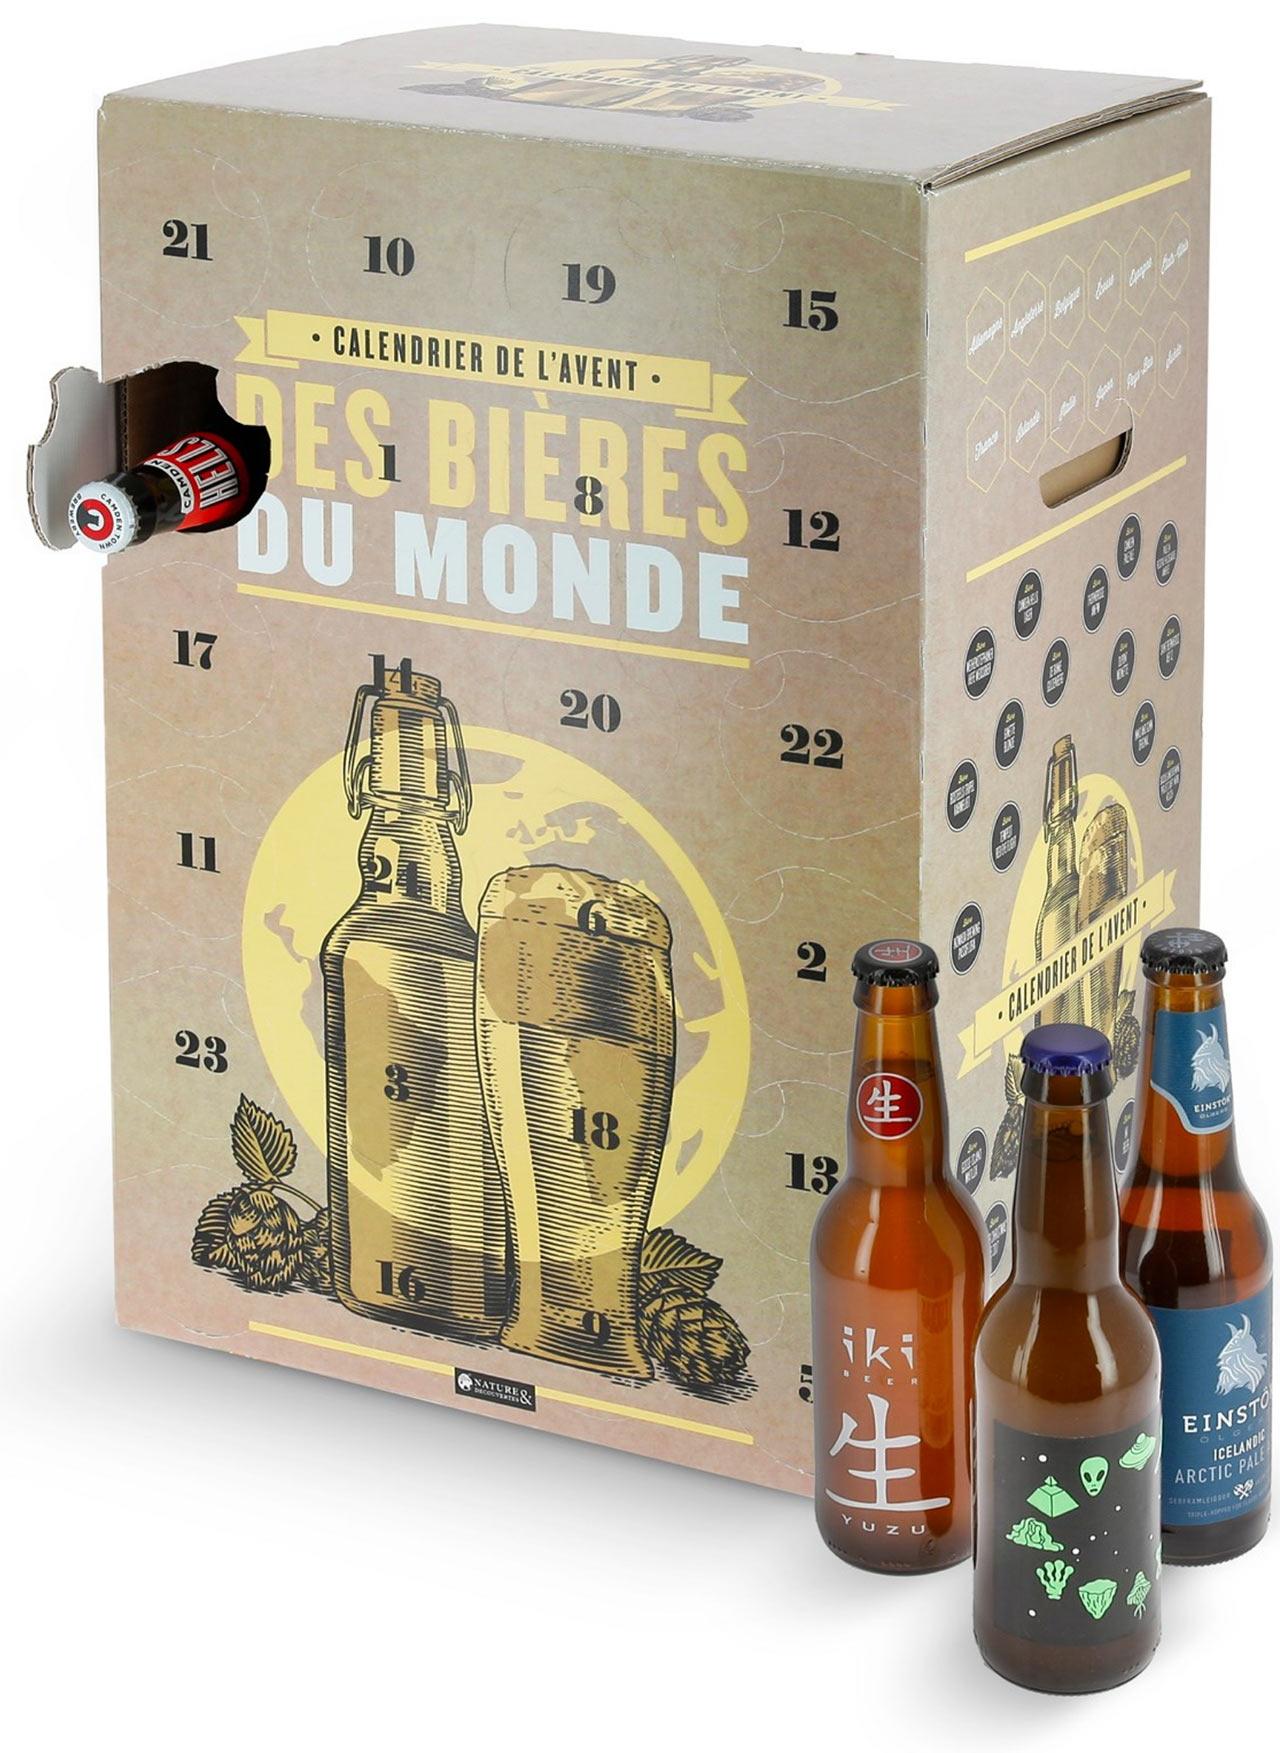 Calendrier de l'avent Nature et découvertes 2018 : un calendrier de l'avent pour adultes rempli de bières